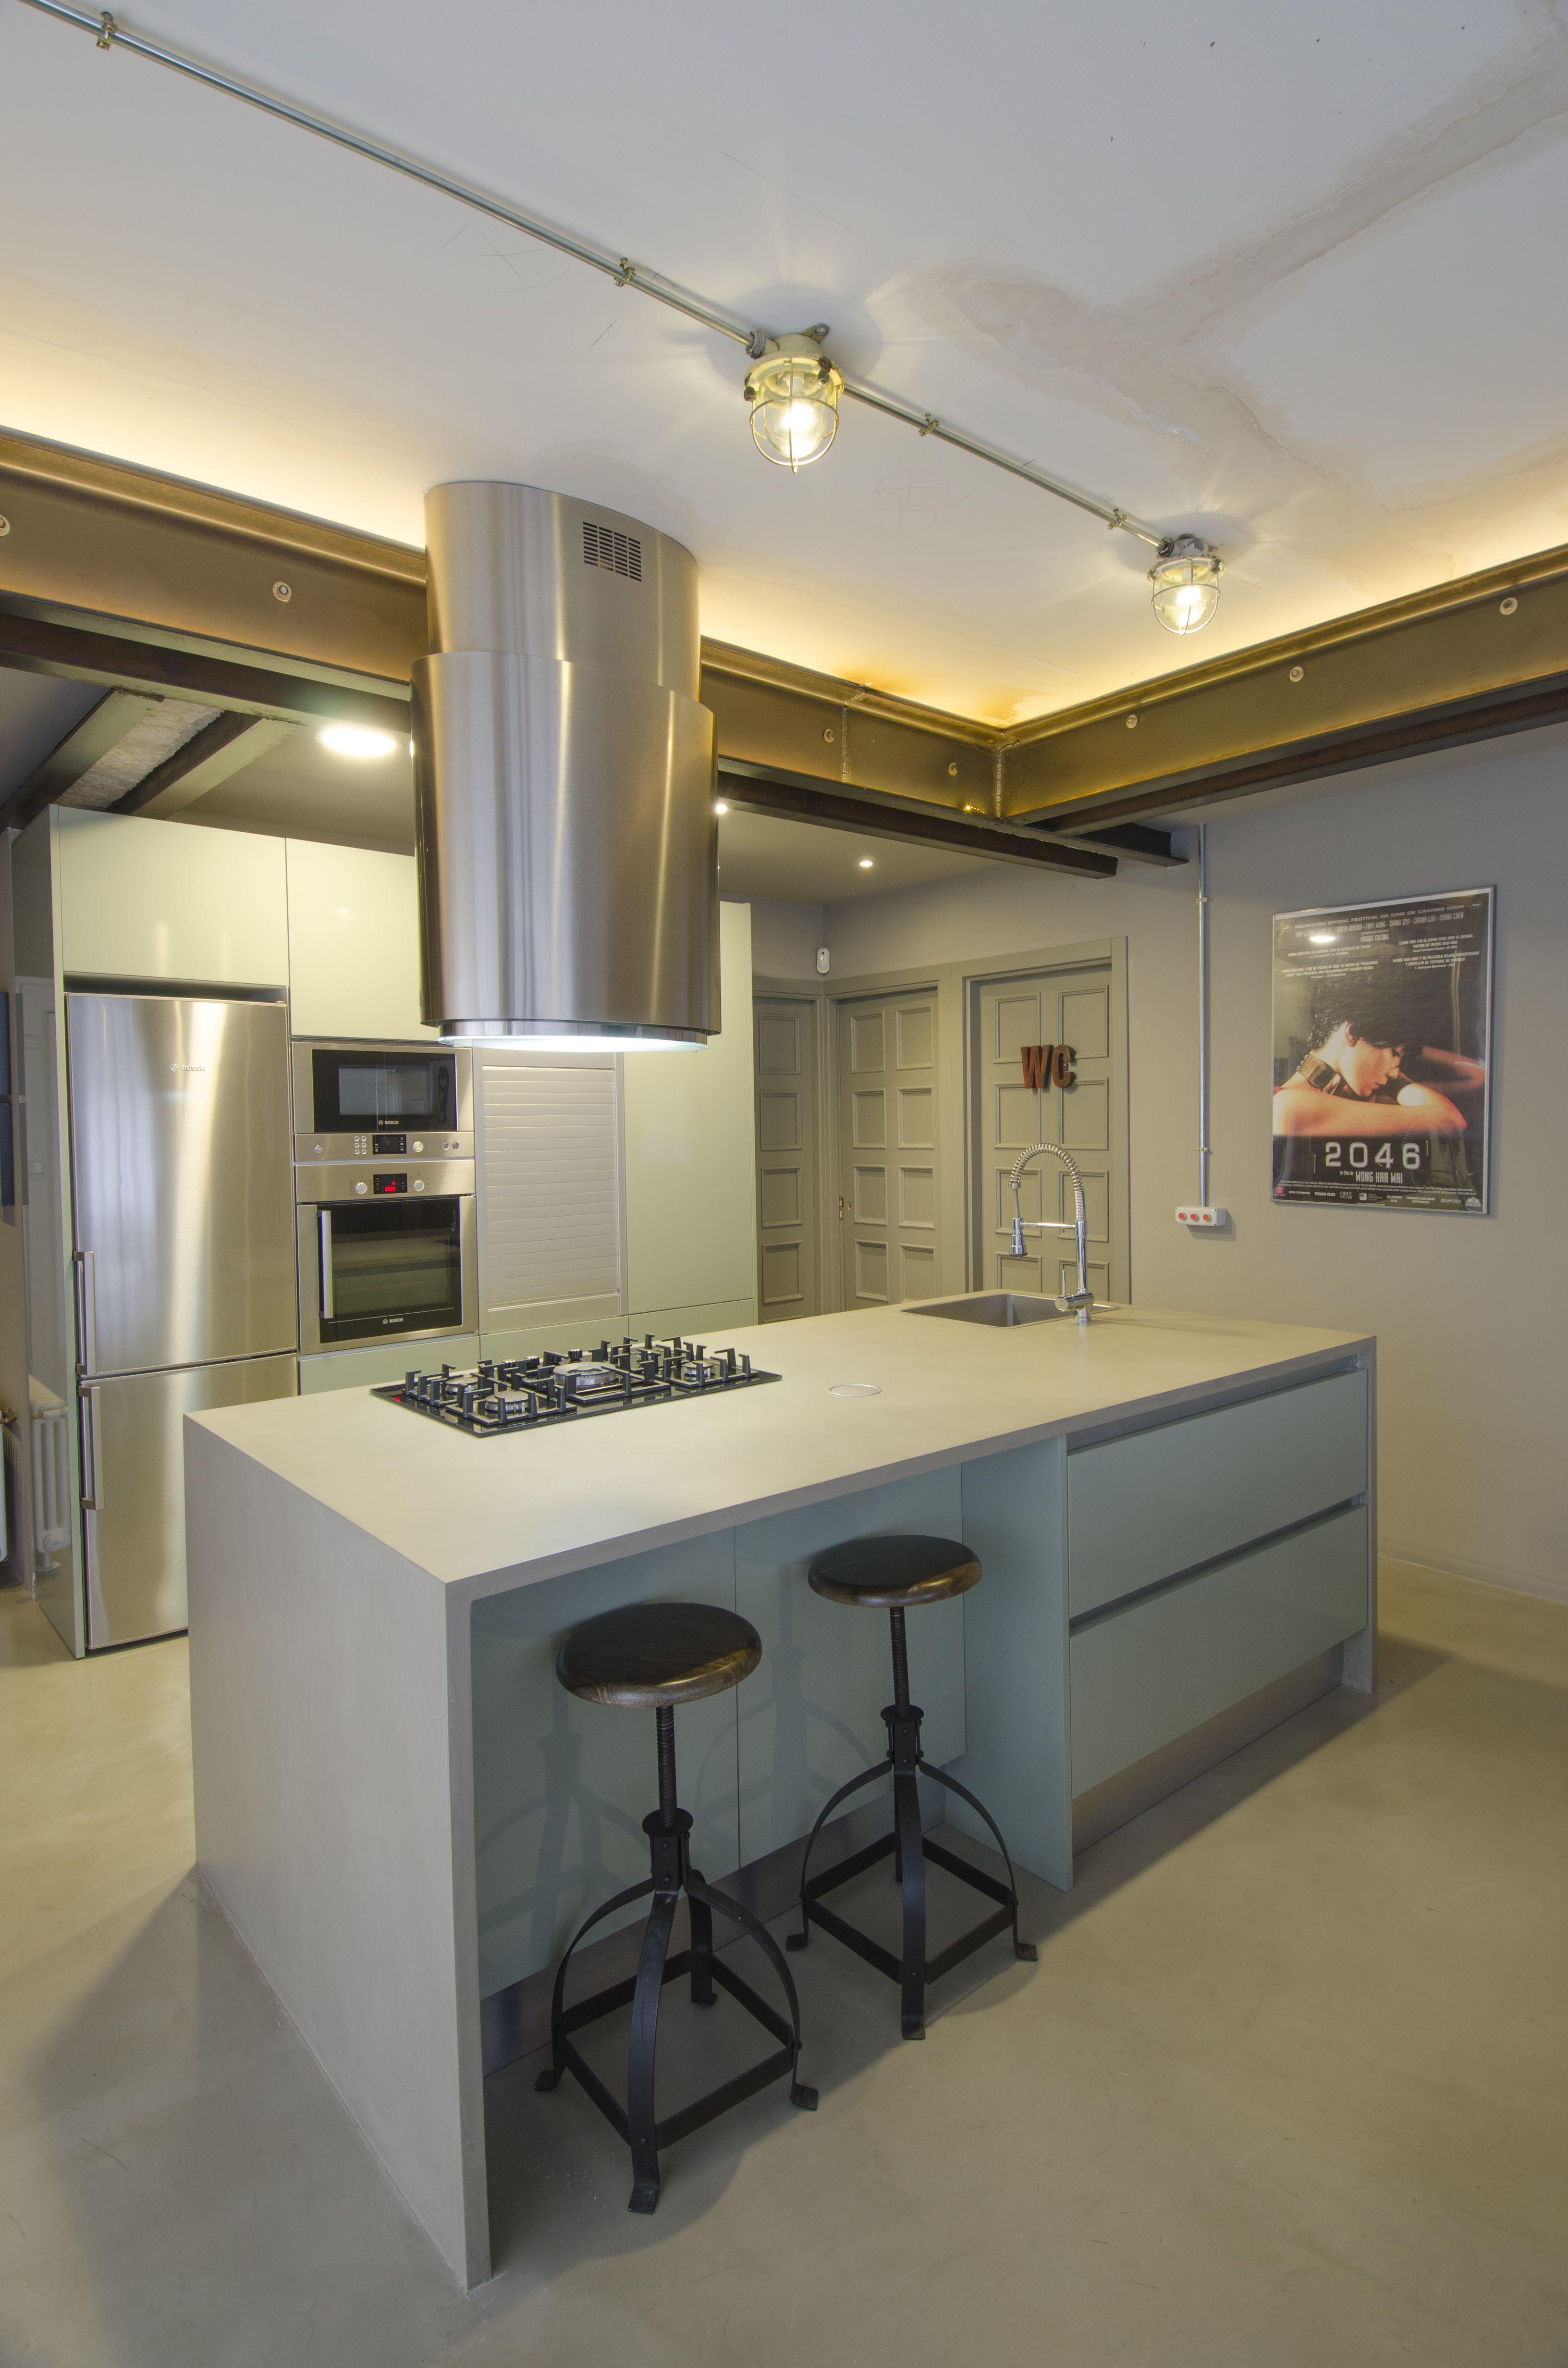 Cocina de estilo industrial con encimera y pavimento en microcemento pulido proyectos - Encimeras de microcemento ...